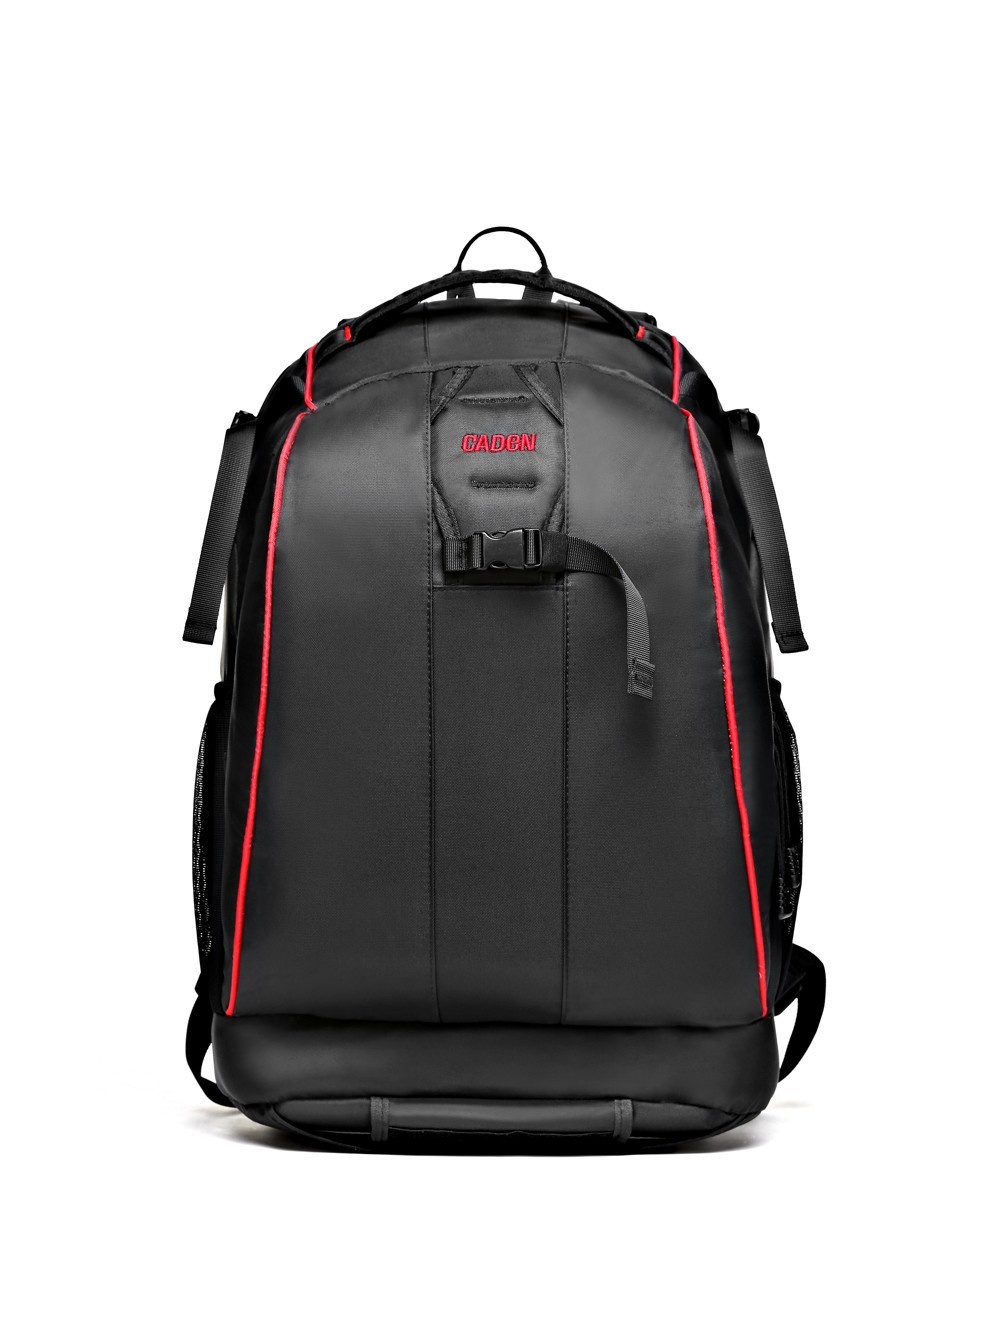 Caden K7 Camera Backpack Bag Case for Canon Nikon Sony DSLR Traveler Lens Camcorder Tablet PC Bag caden l5 professional camera bag multifuction waterproof shockproof backpack laptop bag padded insert for sony canon nikon dslr